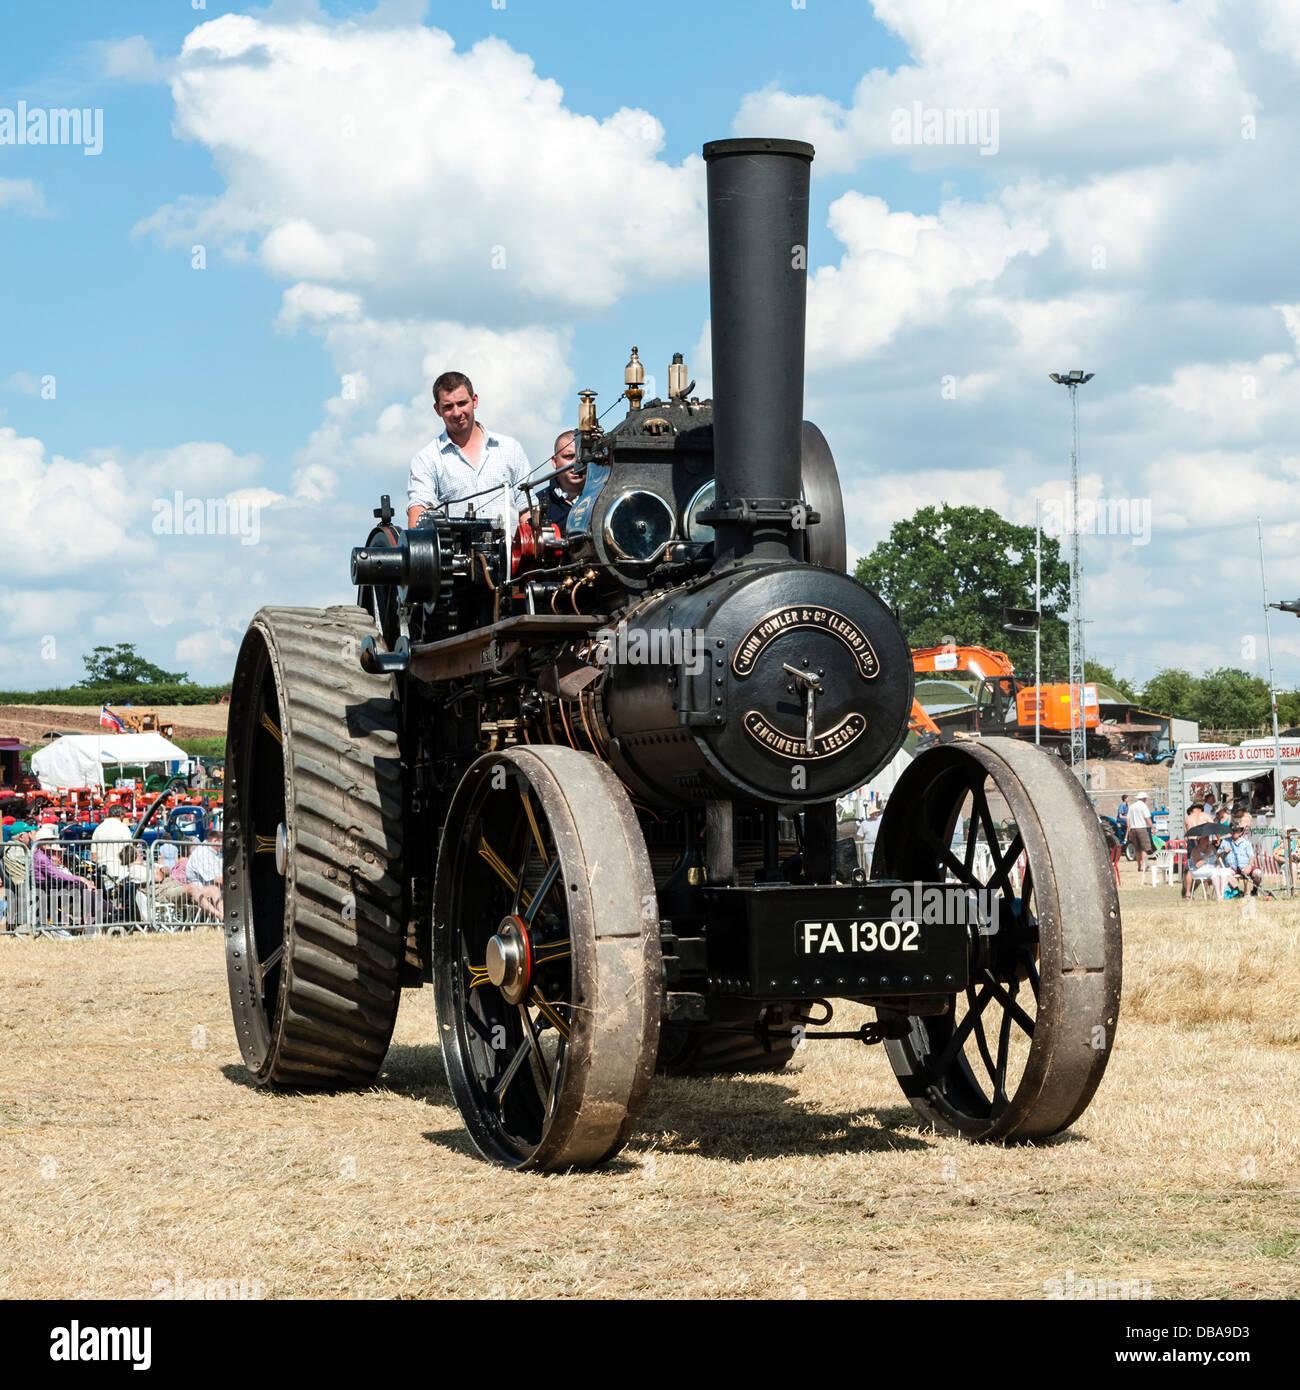 Fowler motore trazione FA 1302 a Welland rally di vapore, vicino a Malvern Hills, Worcestershire, Regno Unito. Immagini Stock